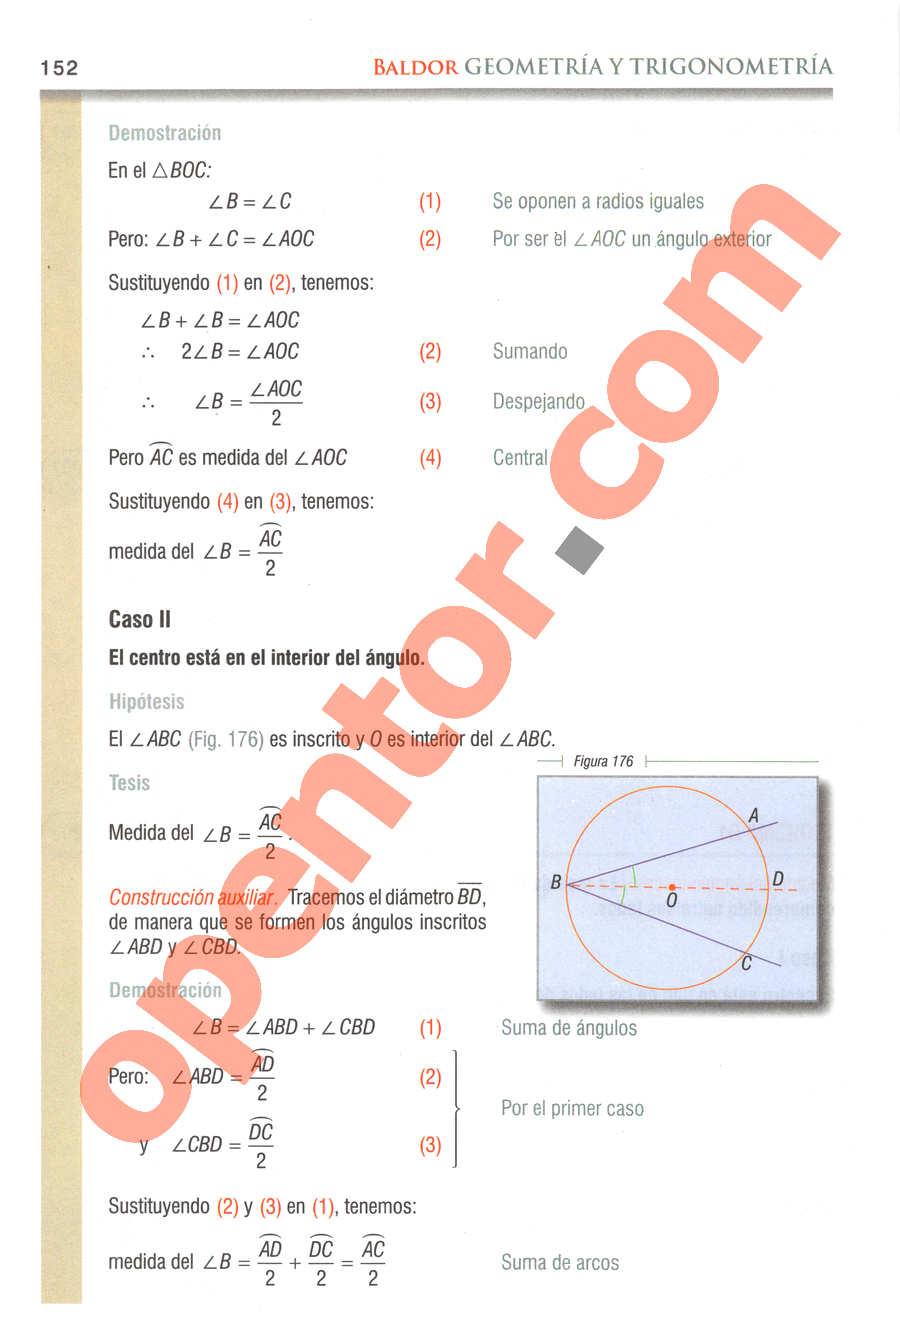 Geometría y Trigonometría de Baldor - Página 152